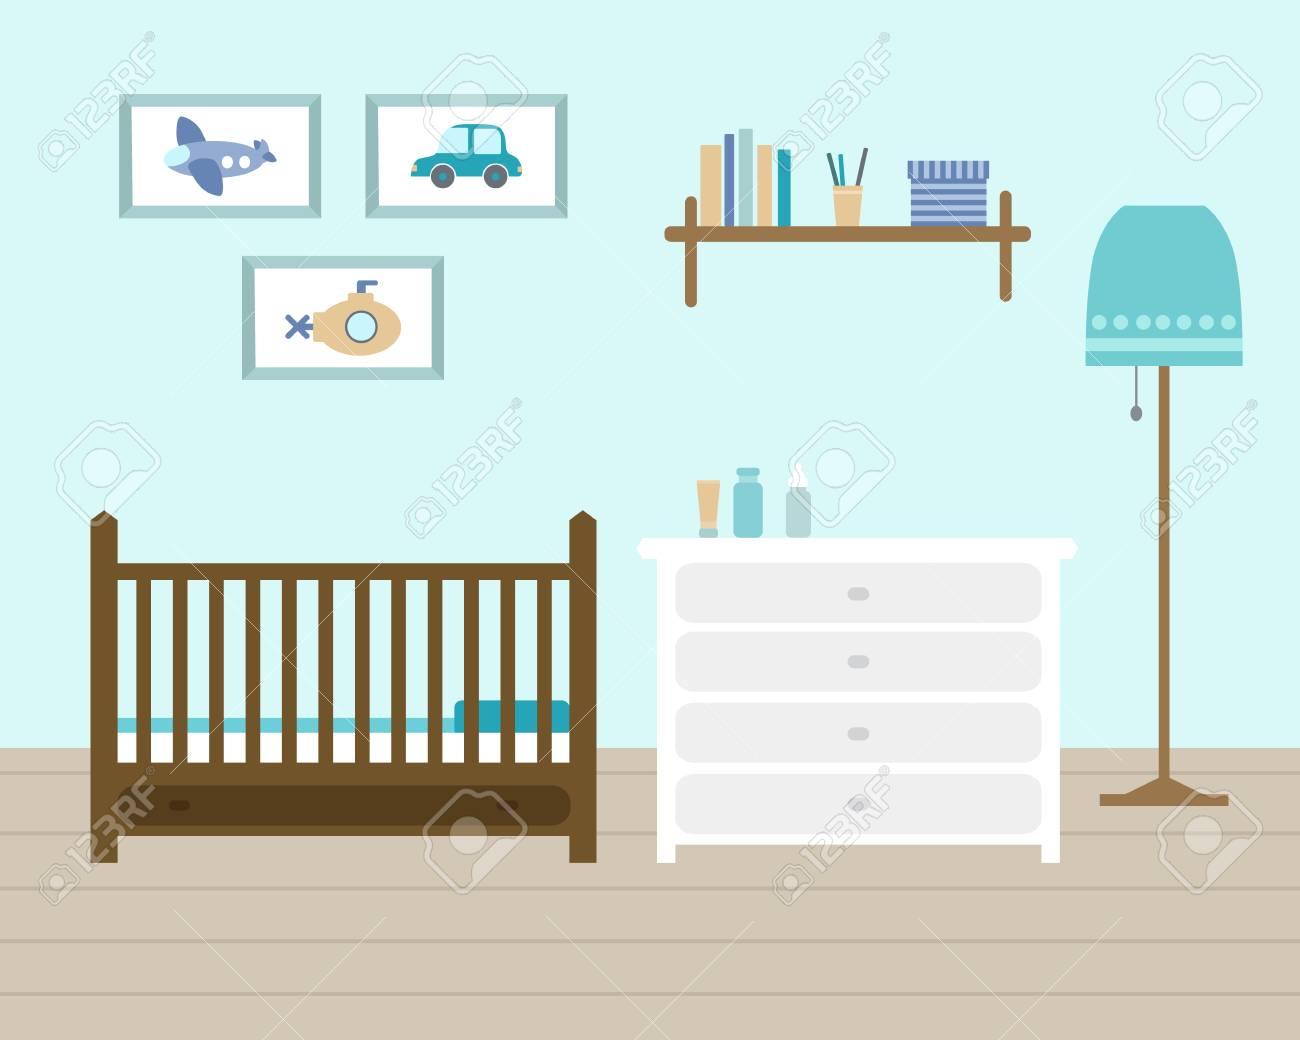 Wunderschön Jungen Babyzimmer Galerie Von Kinderzimmer Für Den Neugeborenen Jungen. Mit Möbeln.